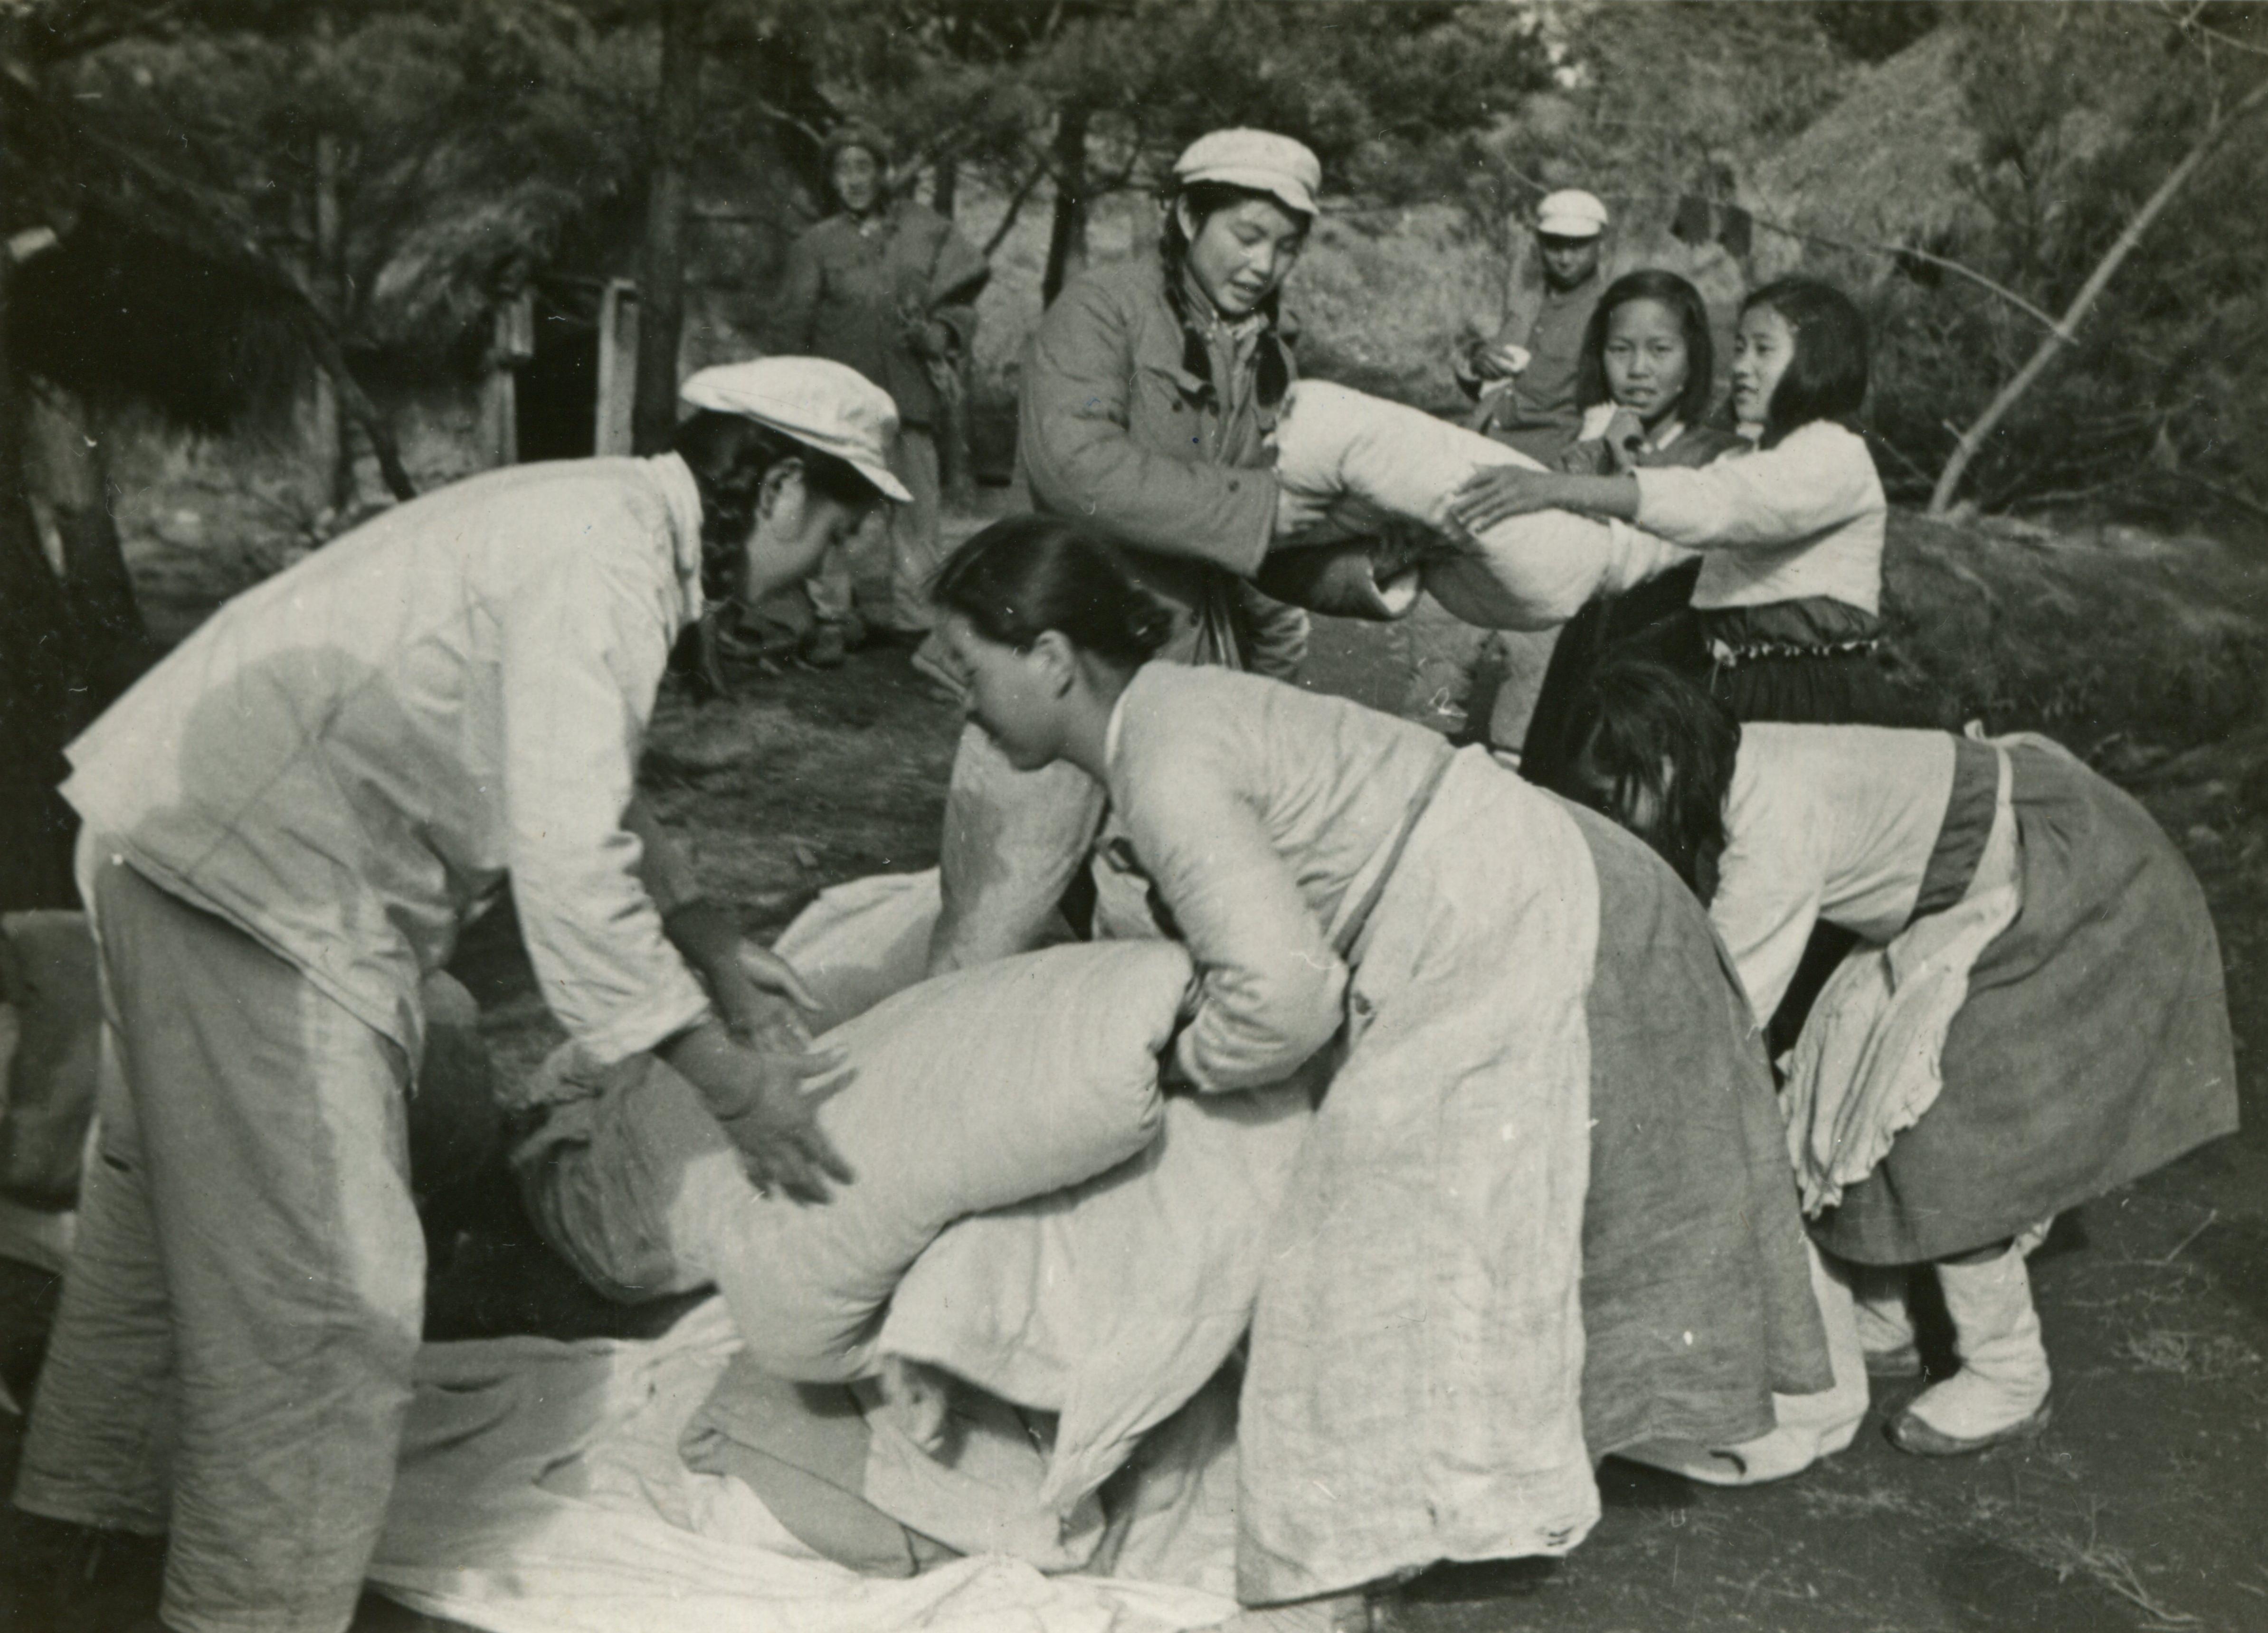 1952年12月22日, 在上甘嶺陣地,朝鮮婦女為負傷志願軍戰士換洗被褥衣服,把洗淨的被褥交給我軍護士。(資料圖片)